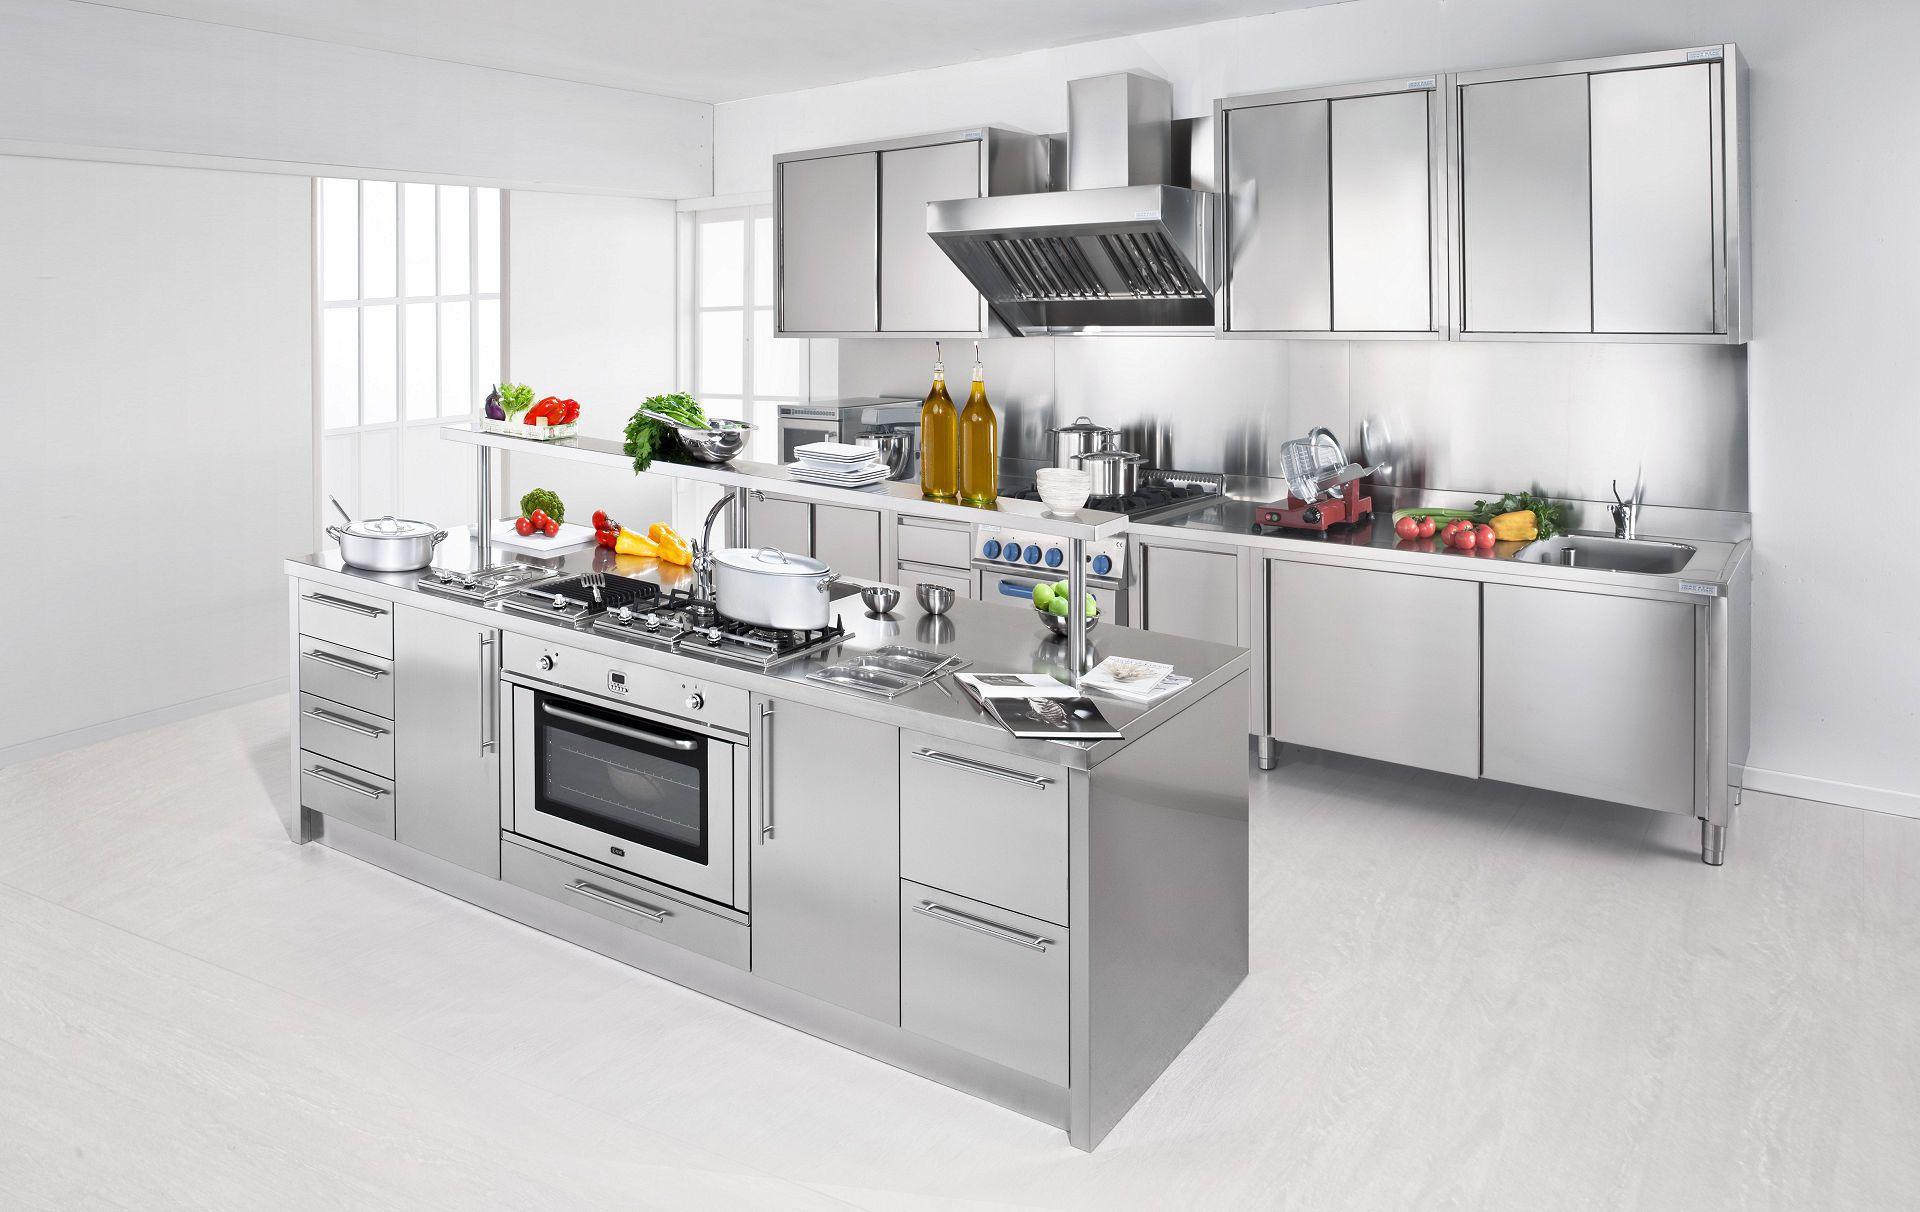 Cucina moderna / in acciaio inox / con isola / con impugnature ...